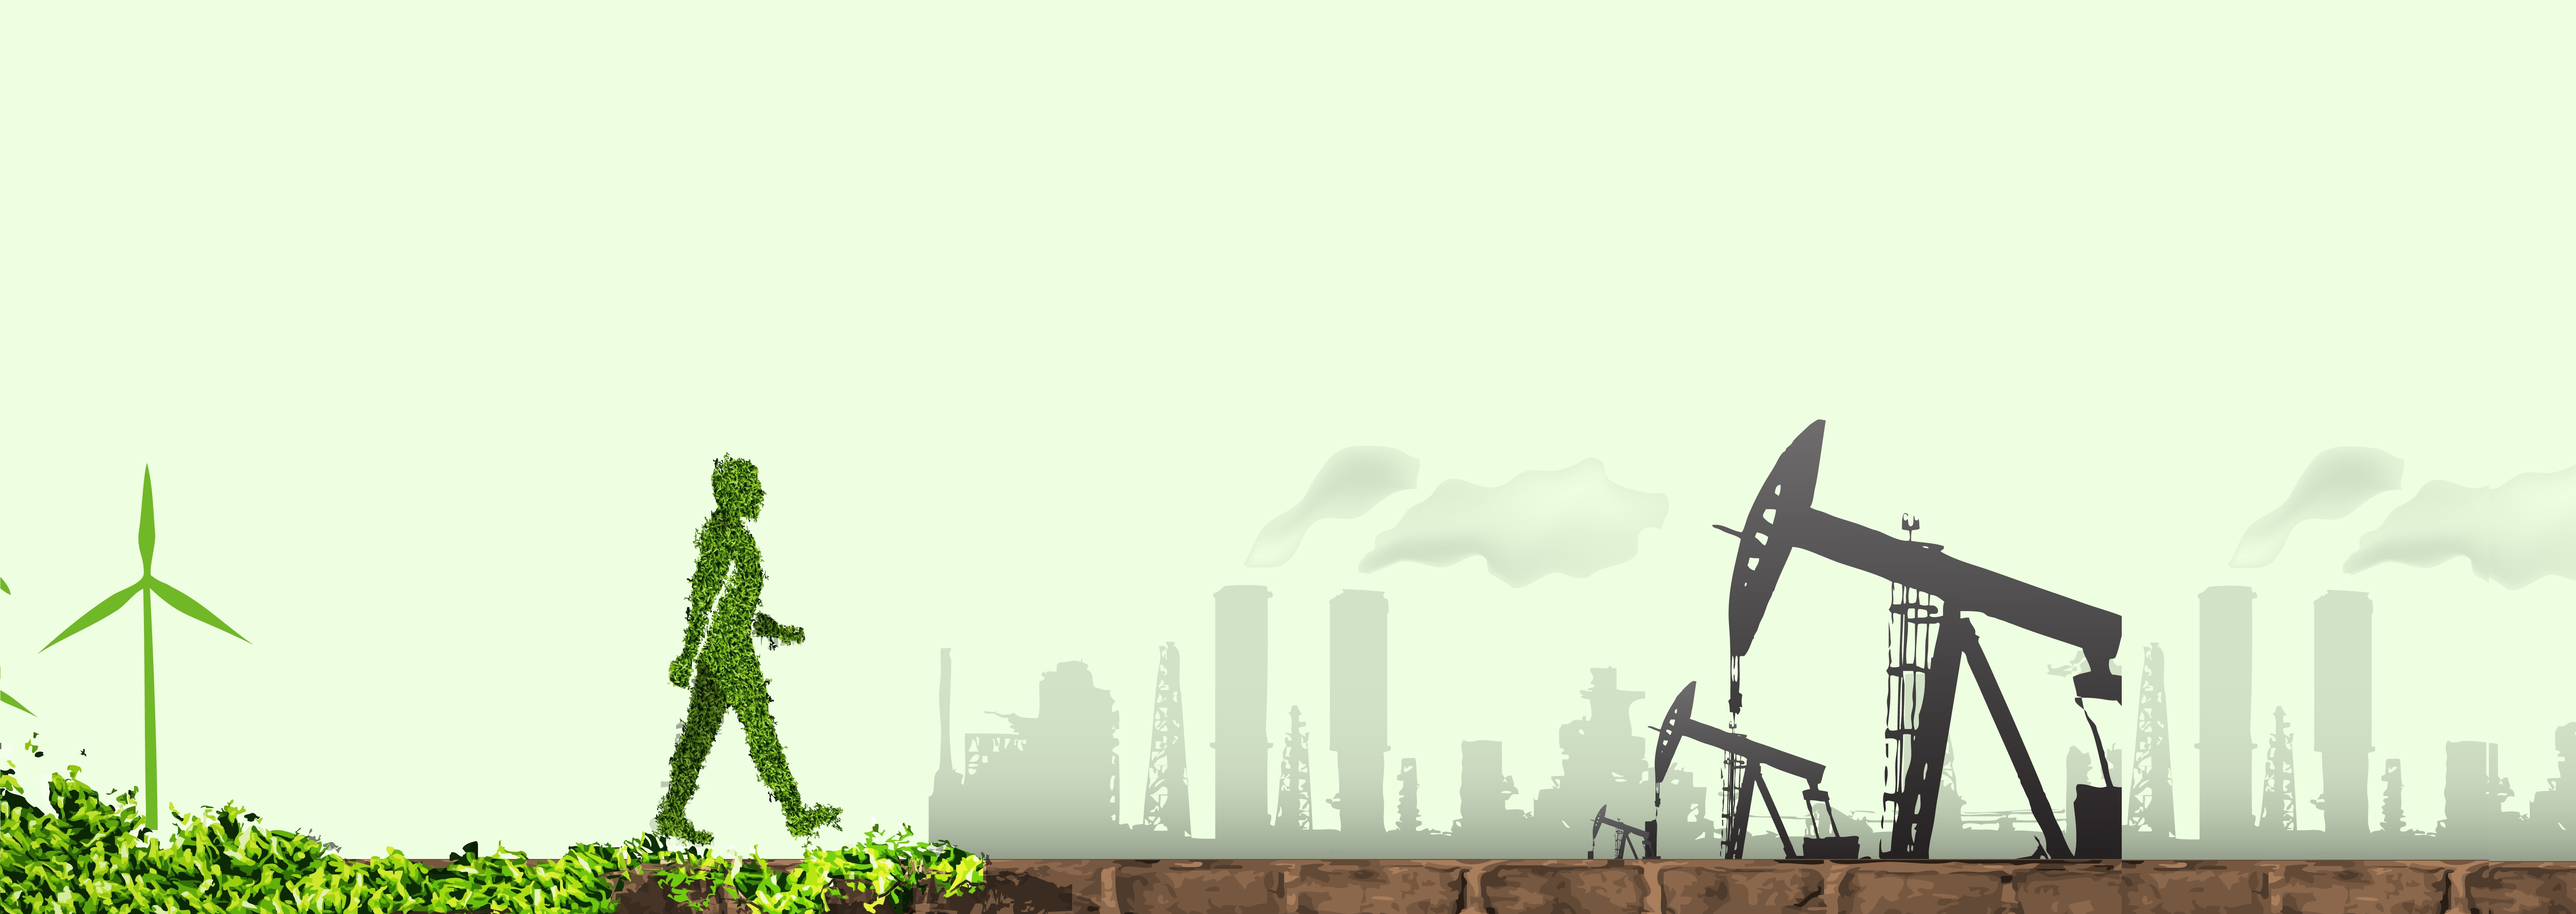 carbon-16